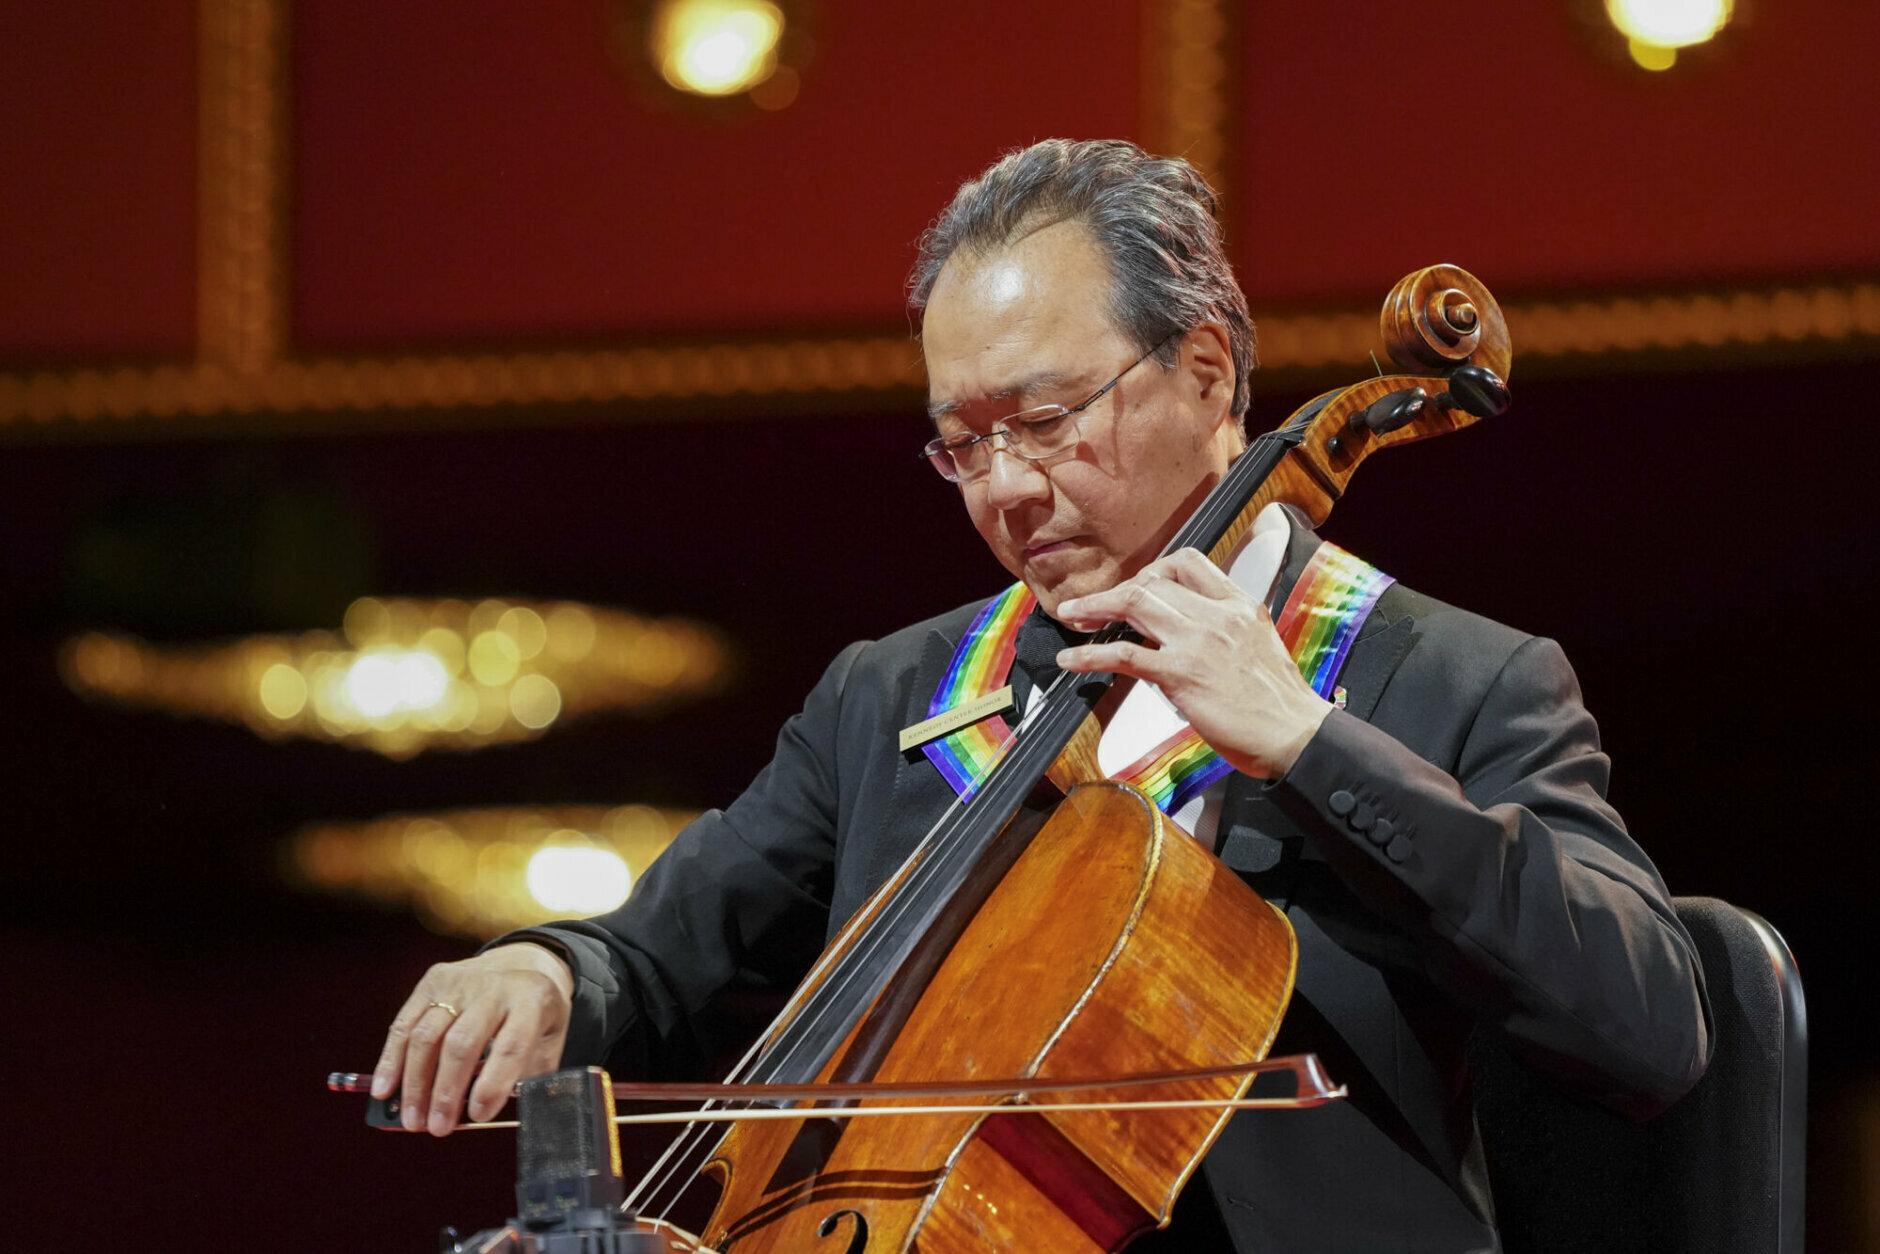 <p>Yo-Yo Ma performs. (Gail Schulman/CBS)</p>